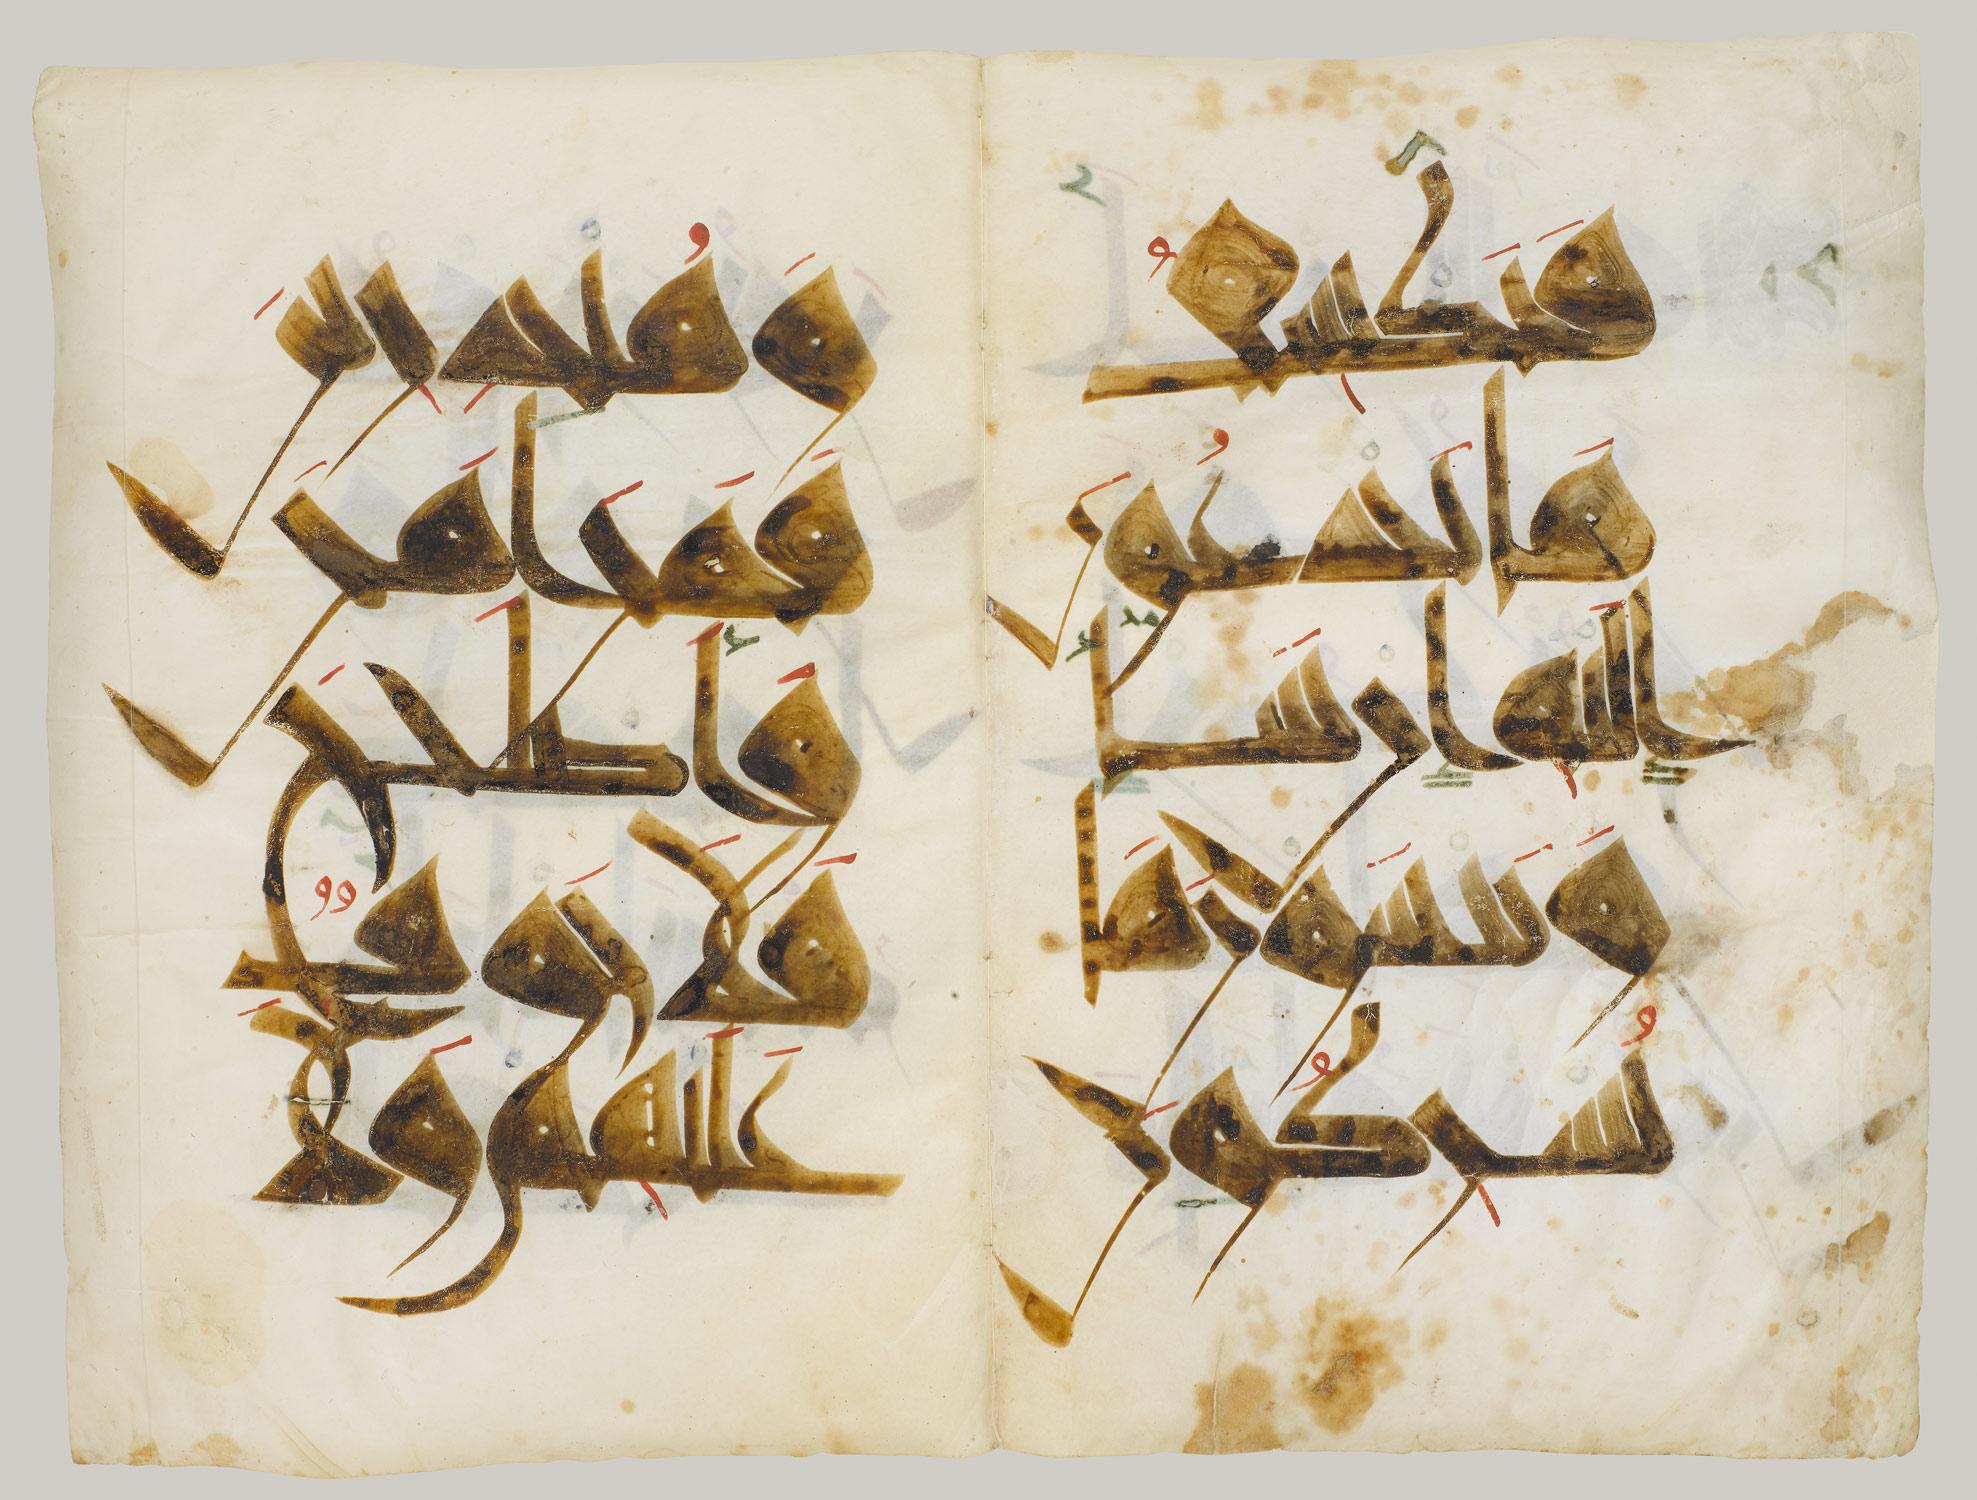 calligraphy in islamic art essay heilbrunn timeline of art